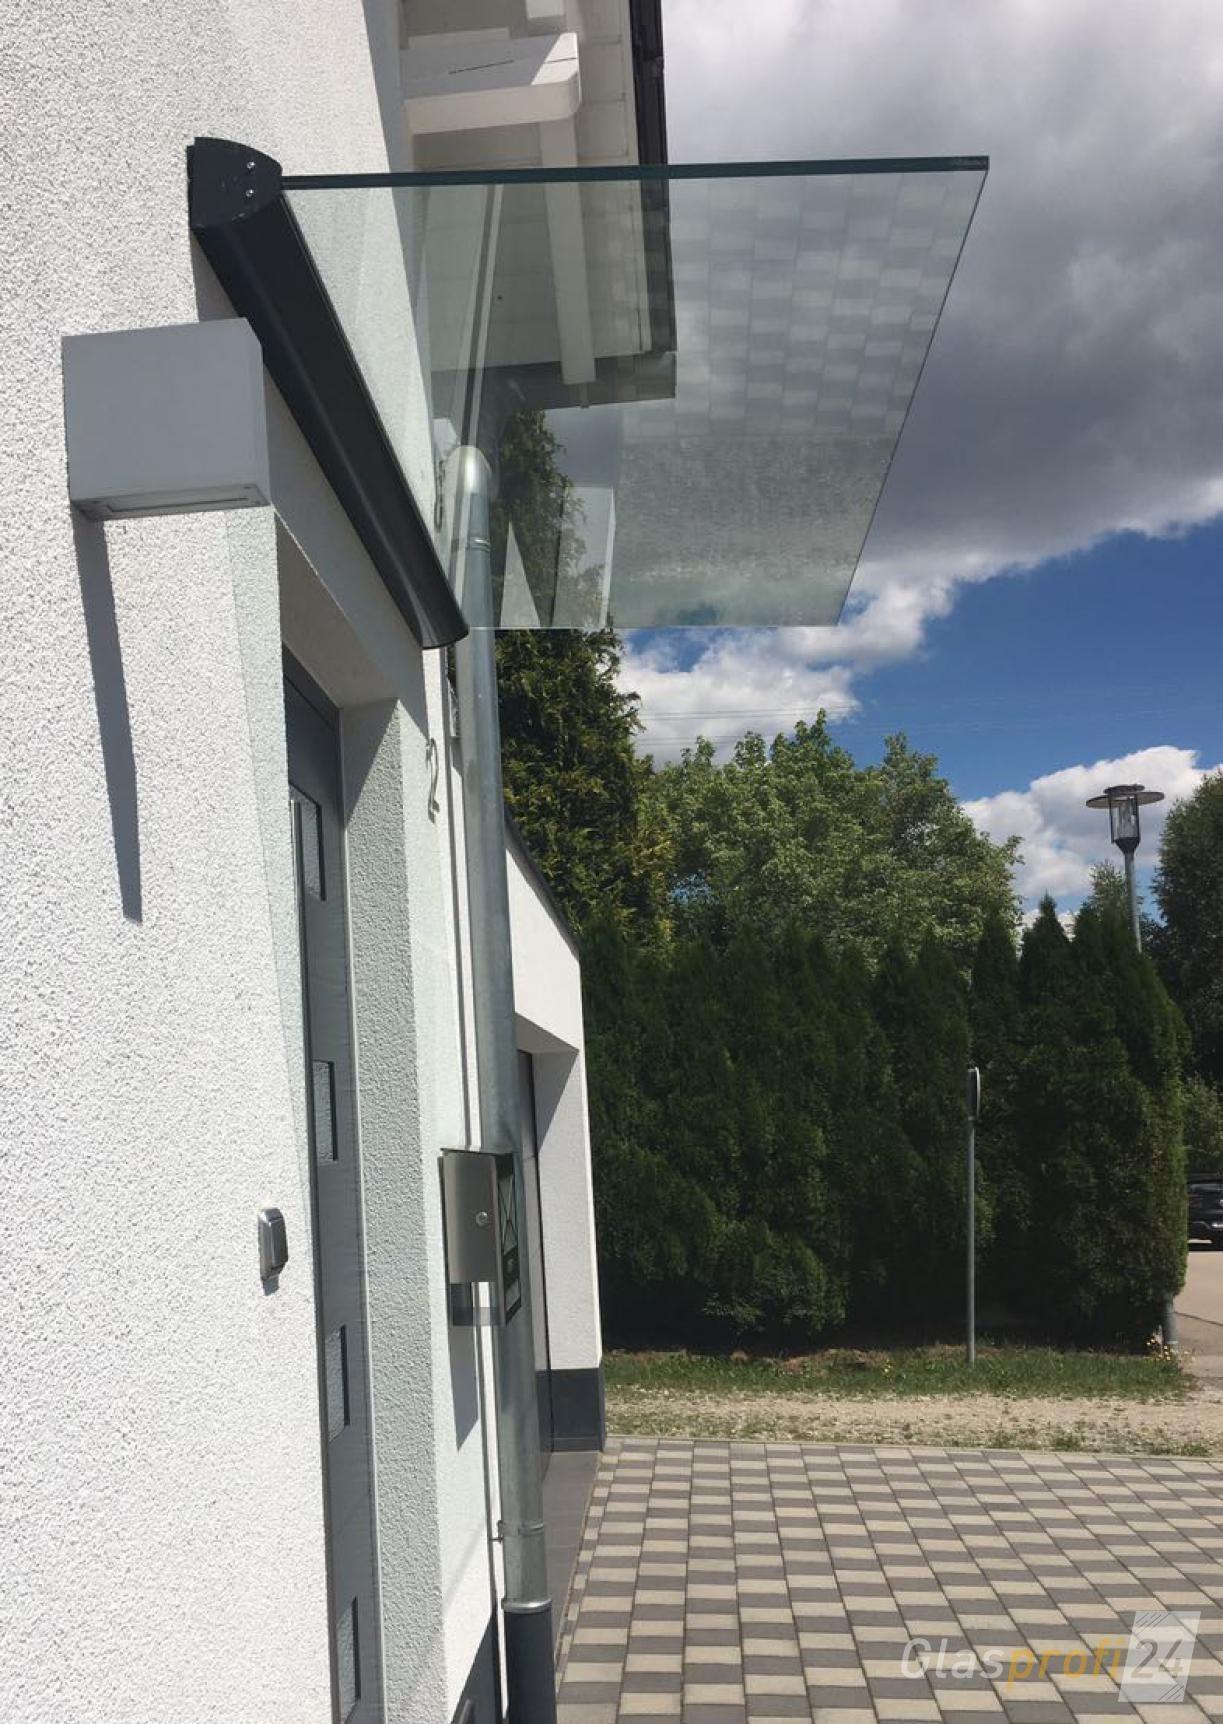 Die Haustürüberdachung Ist Eine Freitragende Glas Konstruktion Mit 5°  Dachneigung, Wodurch Regenwasser Leicht